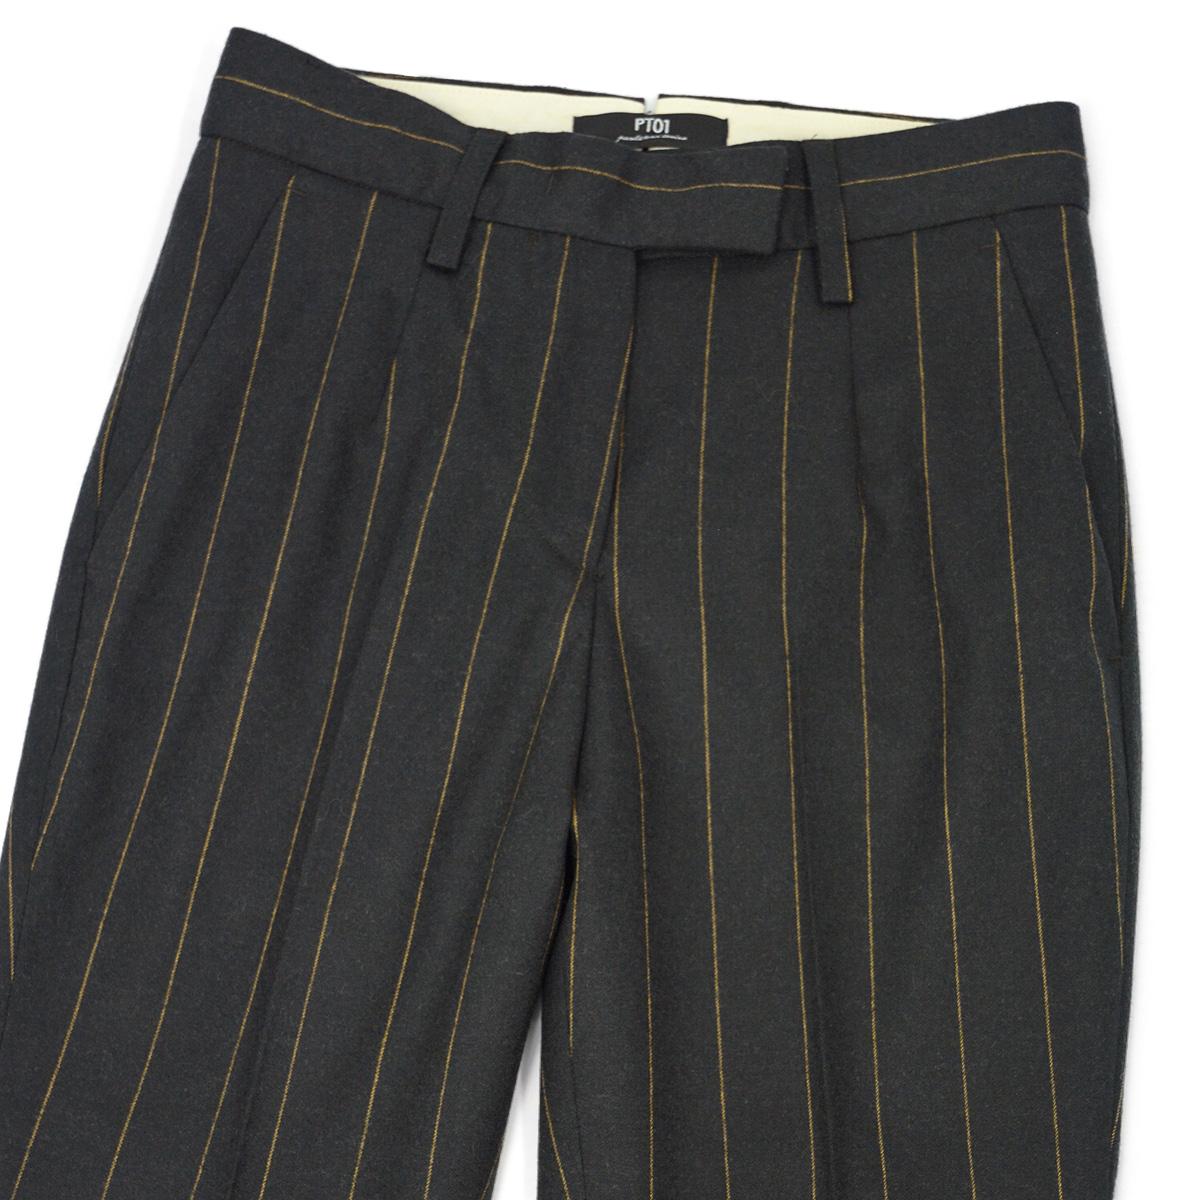 PT01 woman pants【ピーティーゼロウーノ】9分丈ストライプパンツ HOLLY CM05 0180 ウール チャコールグレー